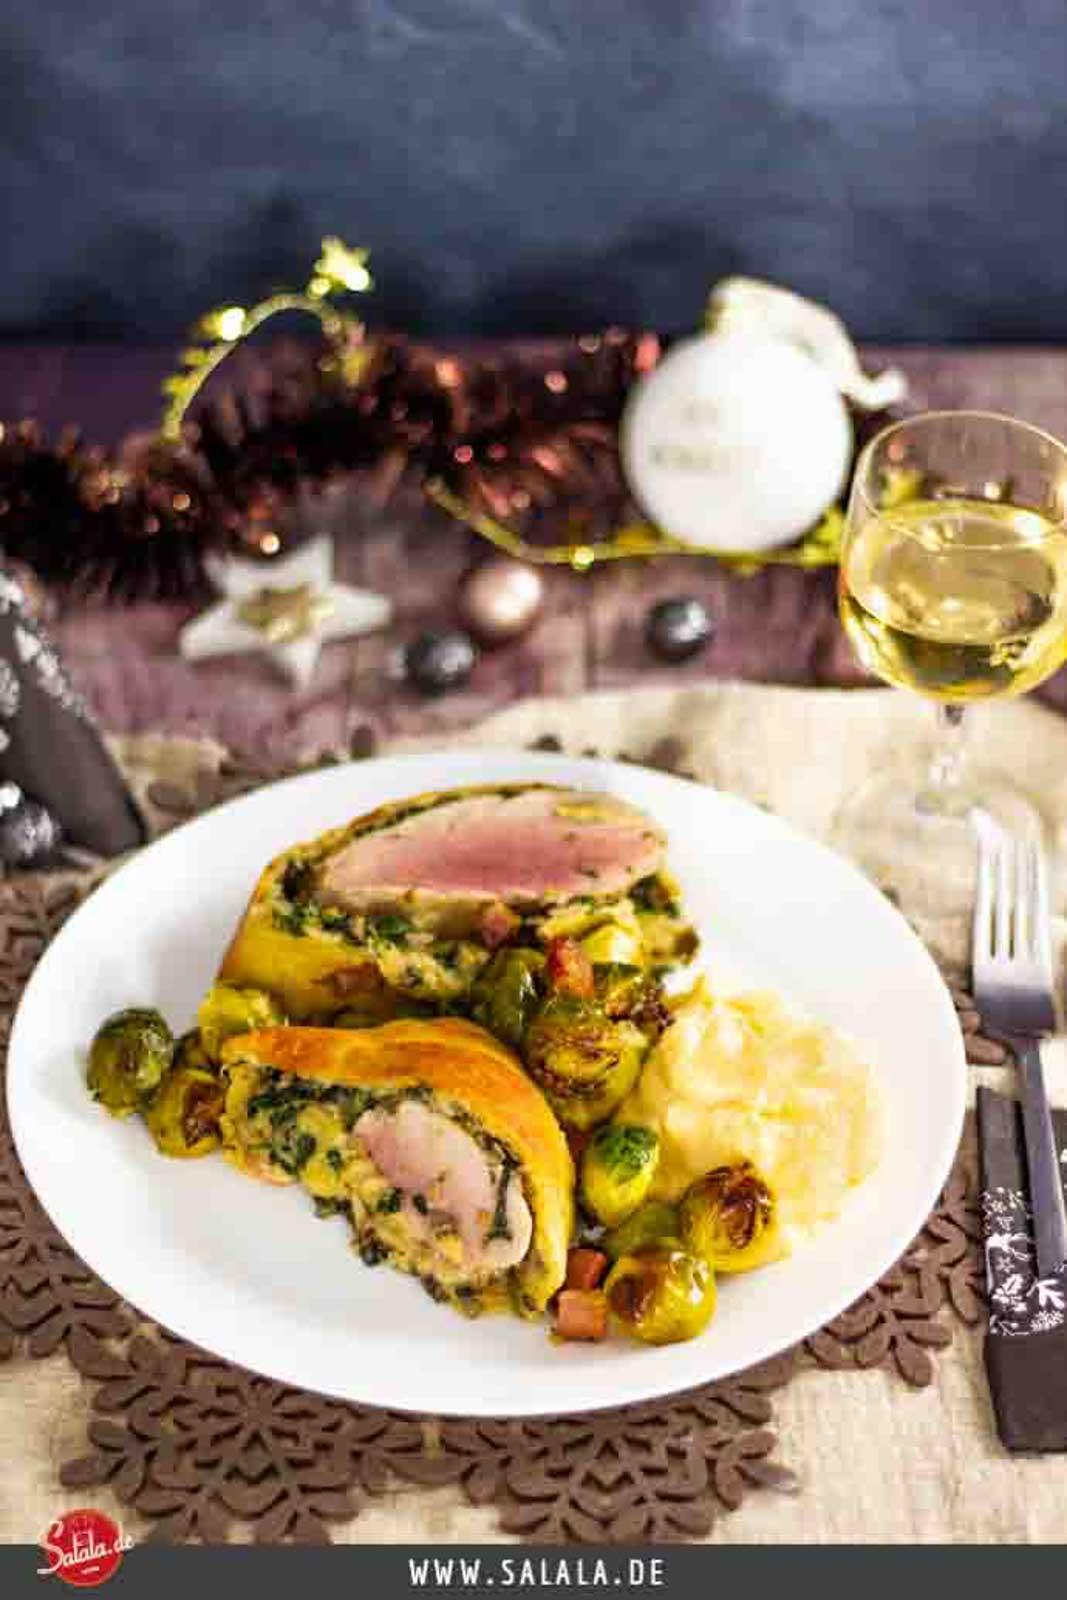 Schweinefilet im Fat Head Mantel - by salala.de - Low Carb Alternative zu Schweinefilet im Blätterteig I Weihnachtsmenü mit Rosenkohl und Püree